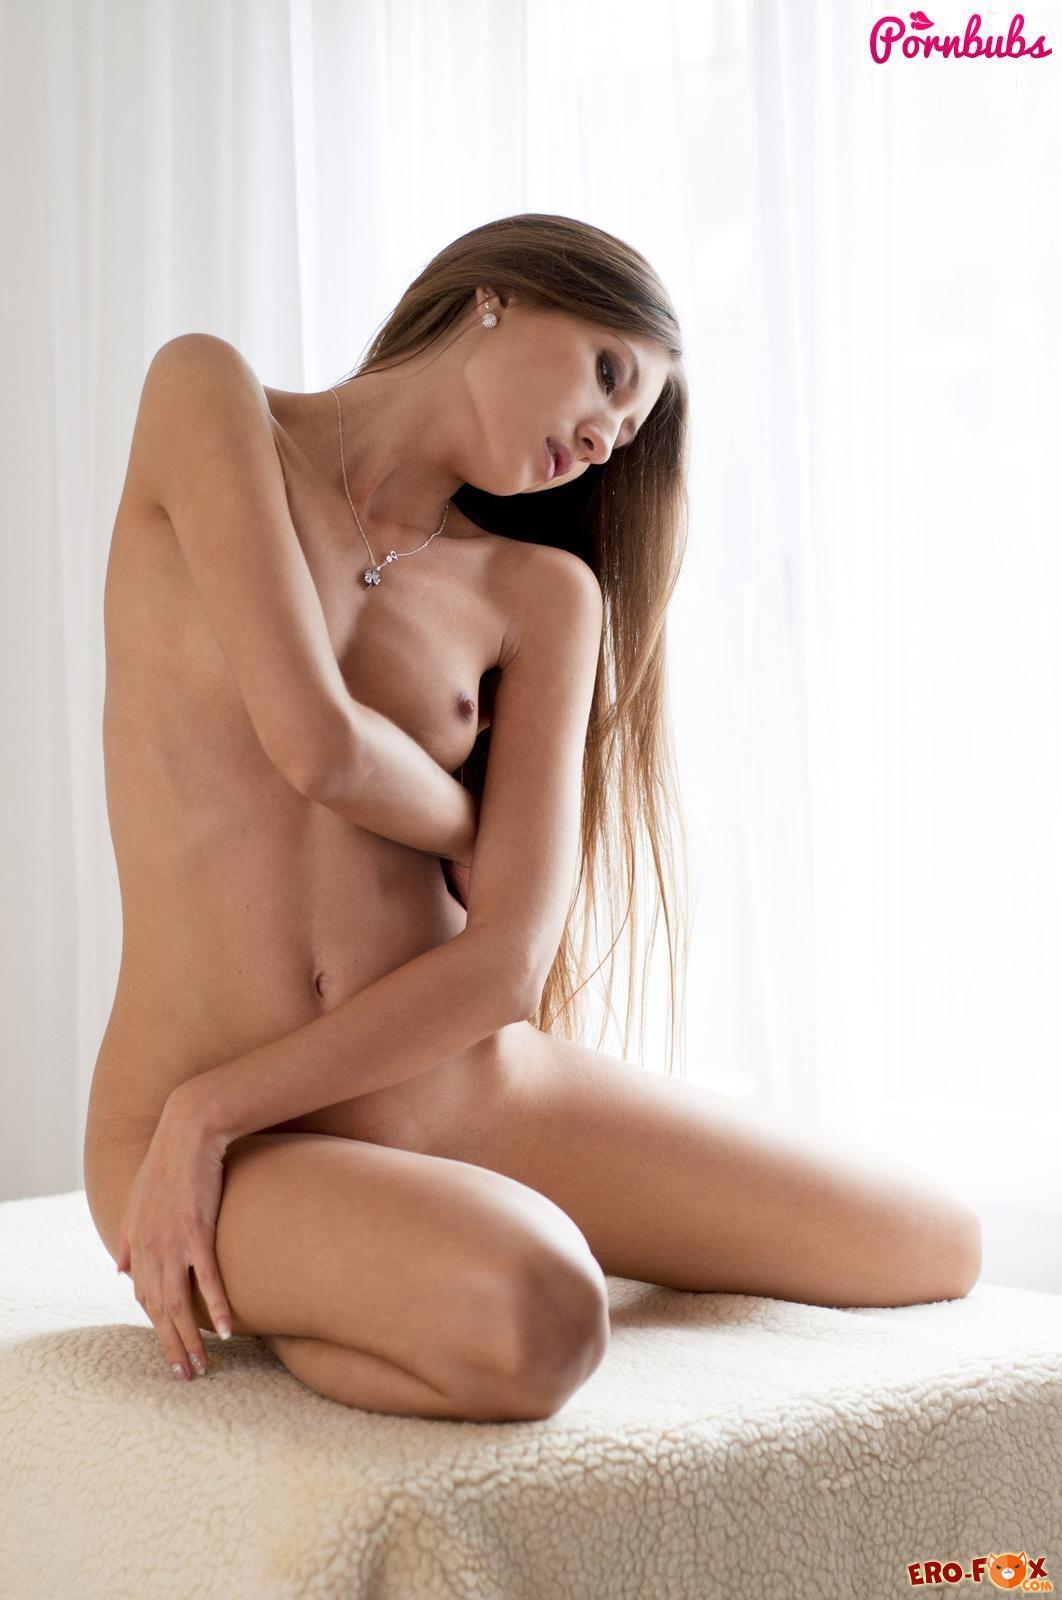 Худенькая девушка с маленькой грудью садится писей на самотык » Эротика - смотреть лучшую фото эротику бесплатно.